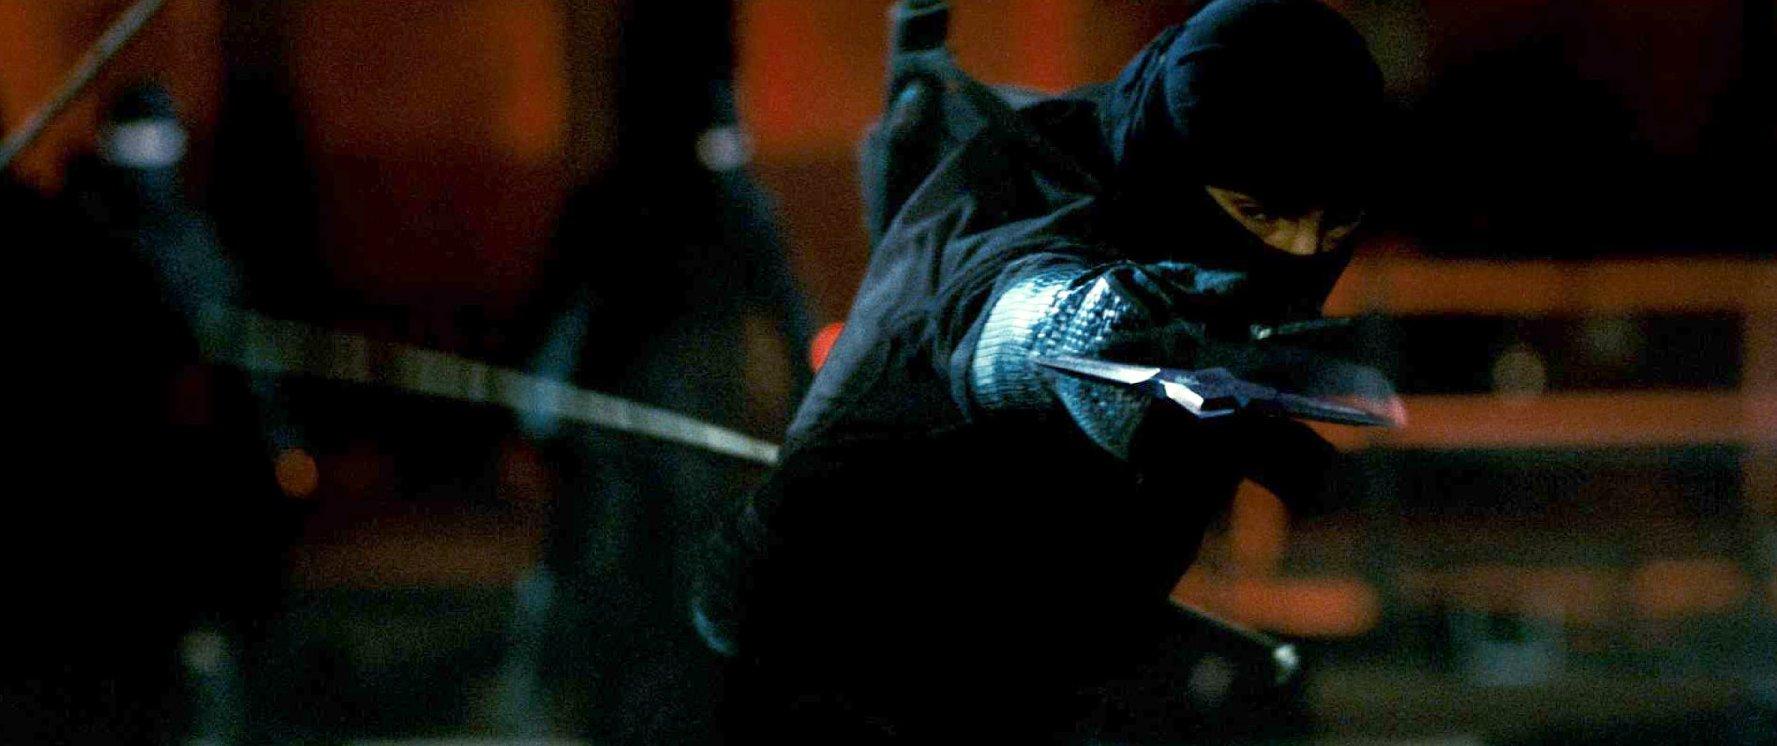 Ninja Assassin